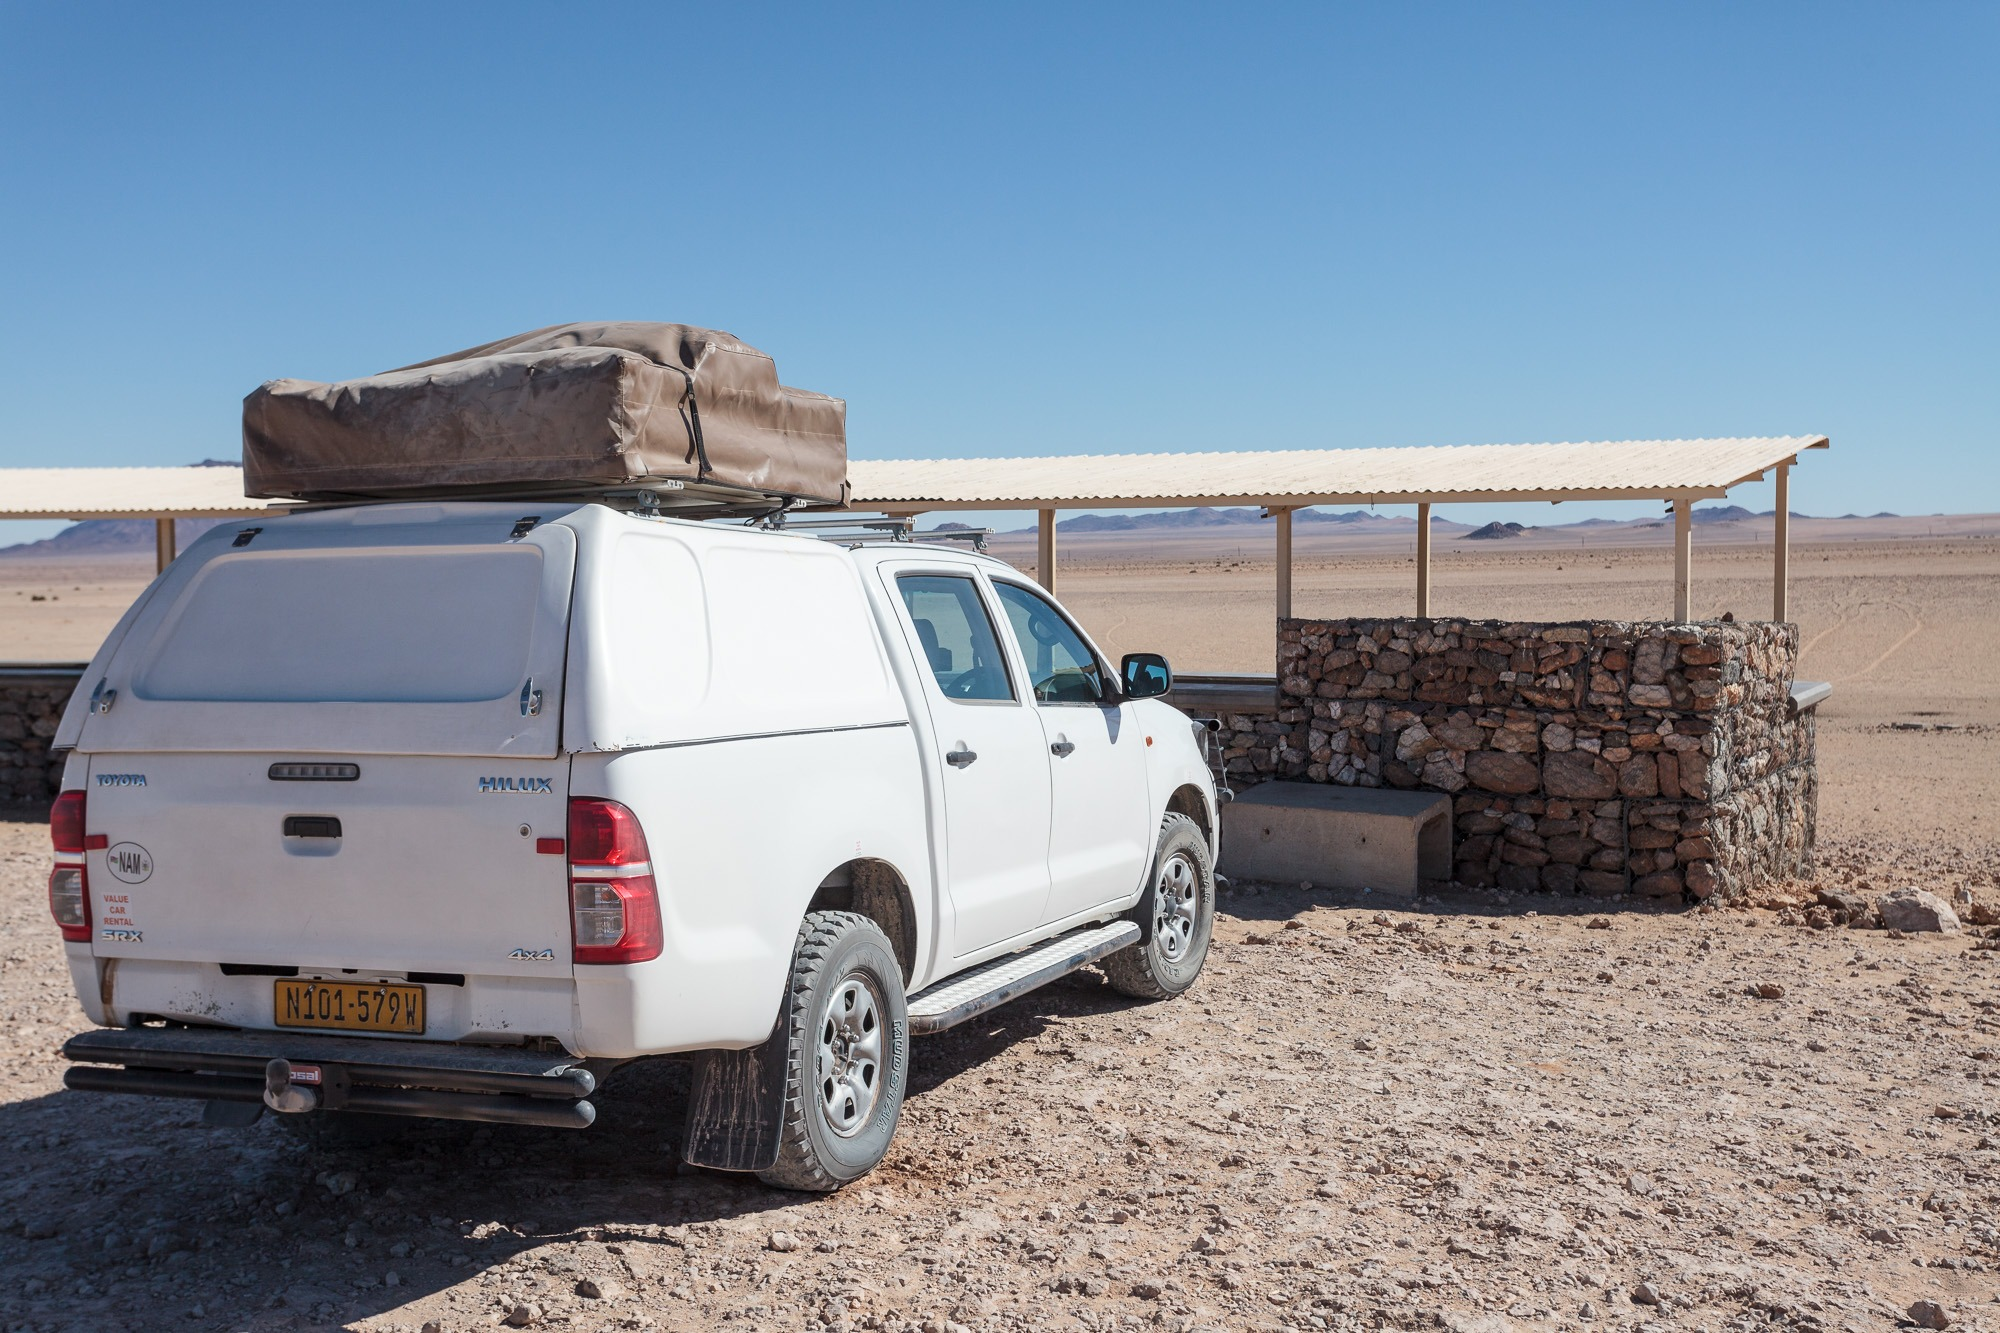 Hide in Garub für die Wildpferde in der Namib Wüste in Namibia